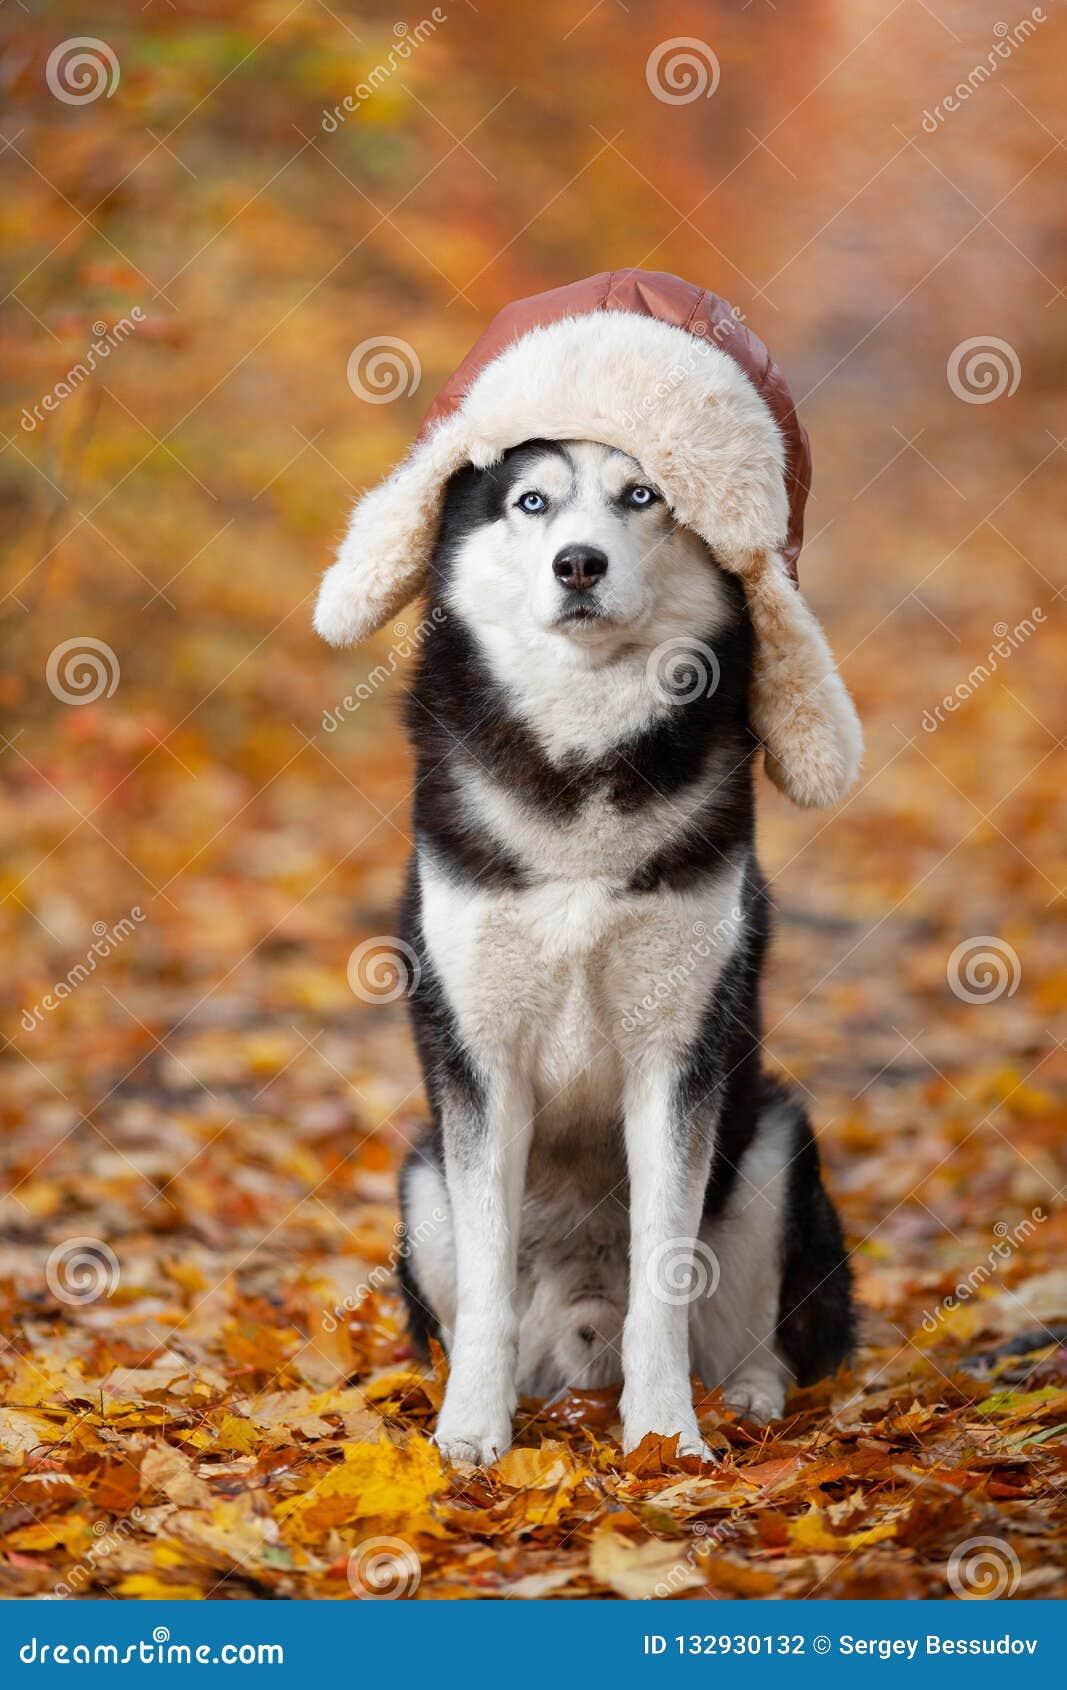 Cane in bianco e nero del husky siberiano in un cappello con i earflaps che si siedono in foglie di autunno gialle